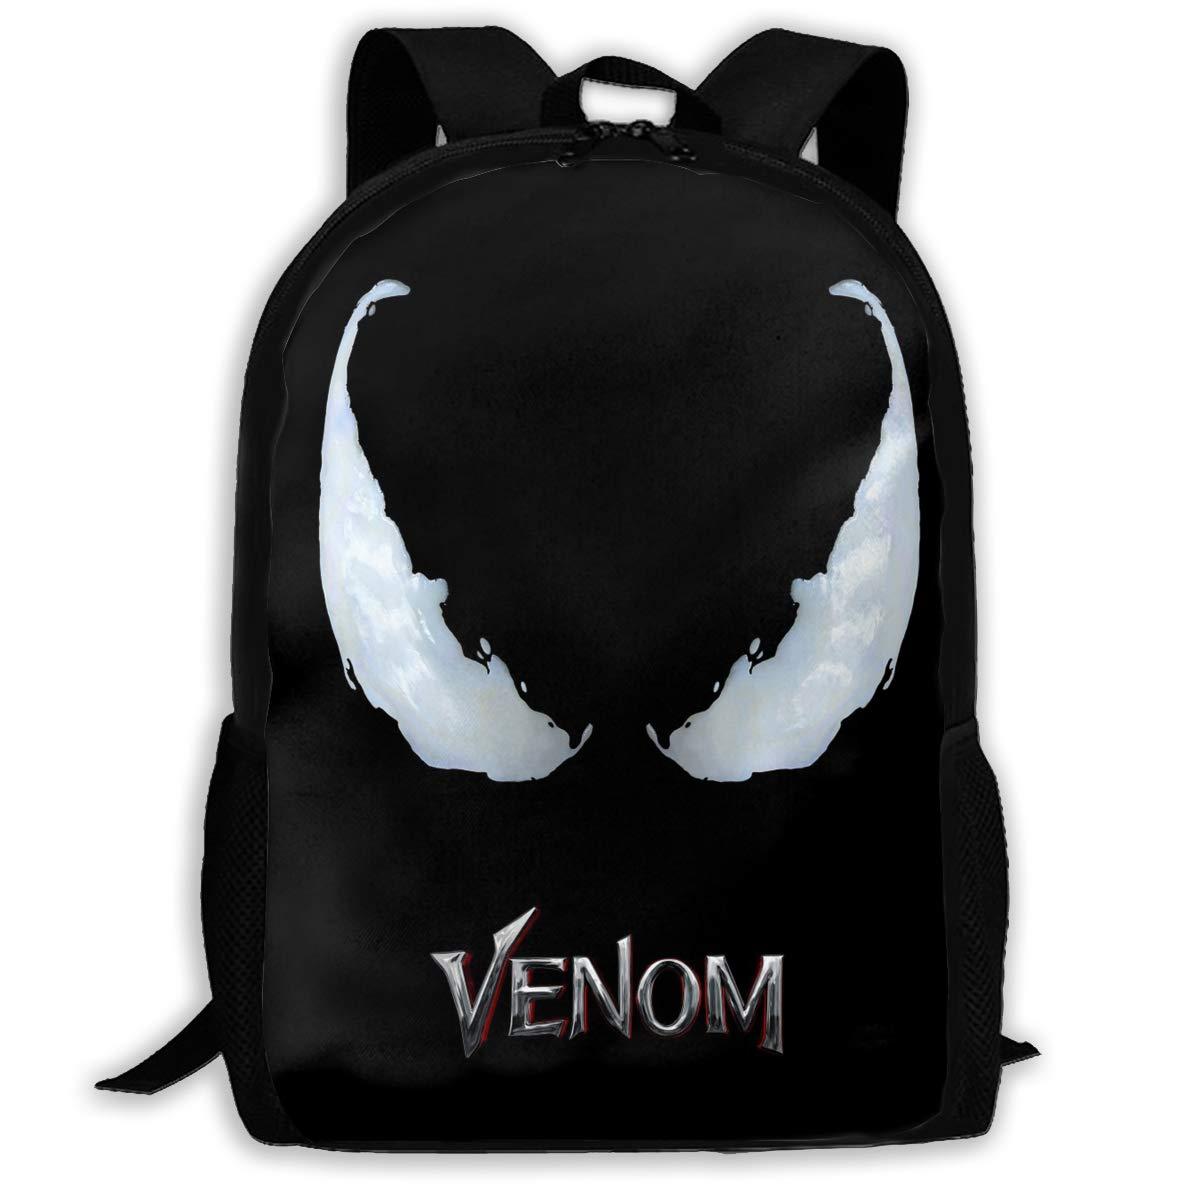 TTioo Venom 3D 大人用 アウトドア レジャー スポーツ バックパック 学校 バックパック One Size  B07KV8ZGLX